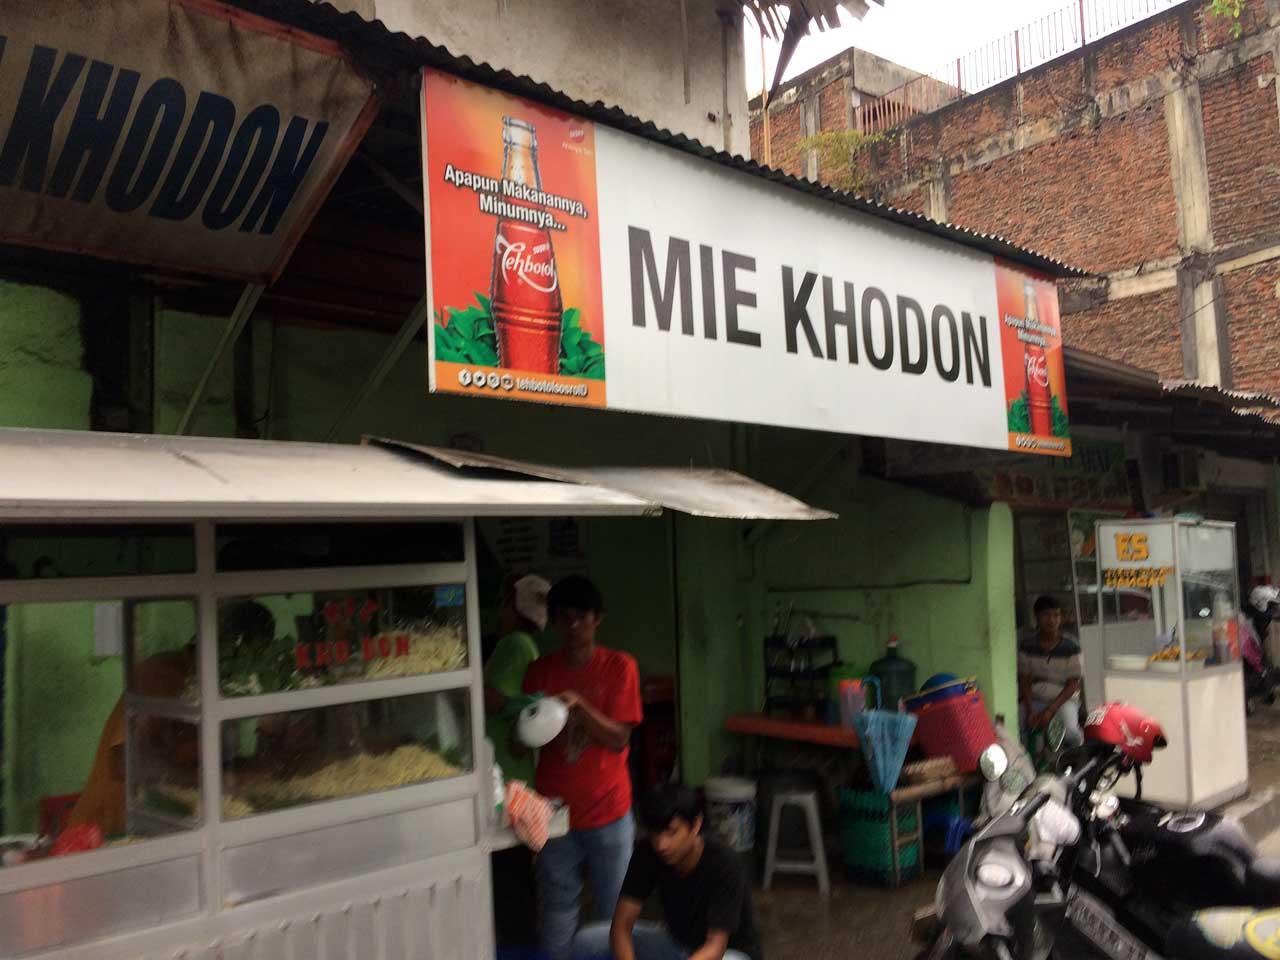 Mie Khodon - tempat makan murah di bandar lampung - yopie pangkey - 1